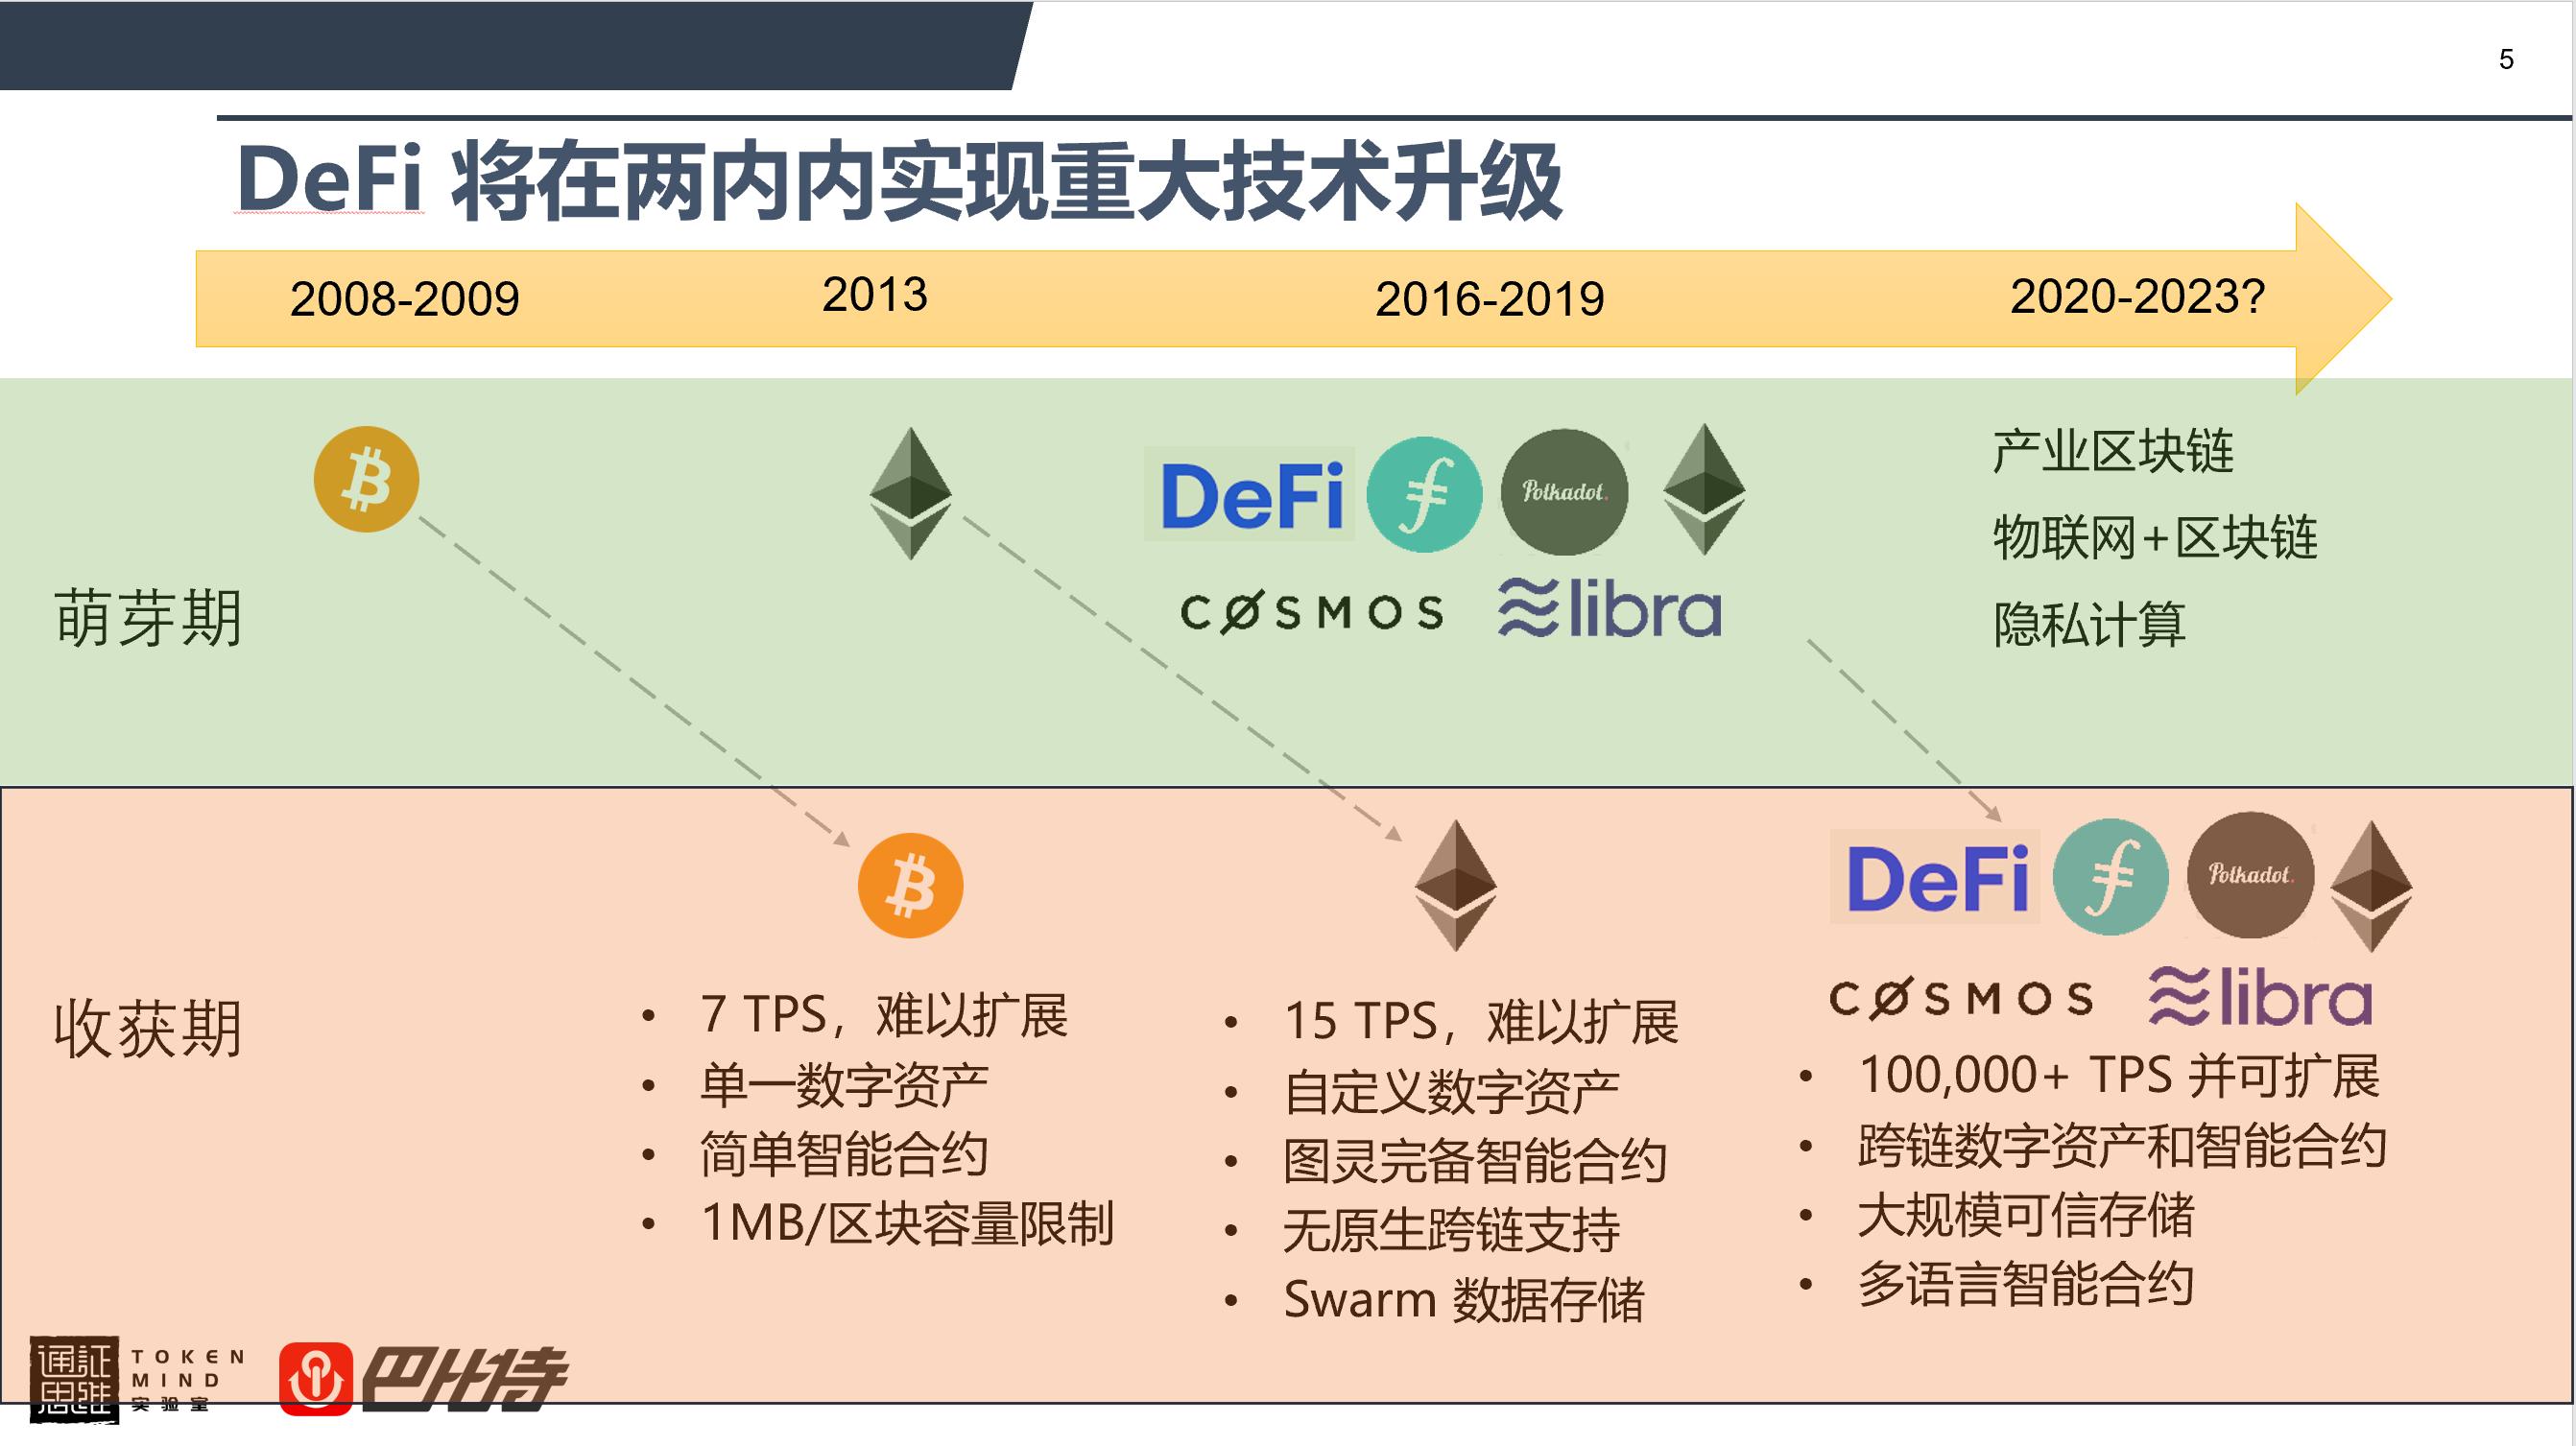 孟岩:关于 DeFi 未来的四点判断